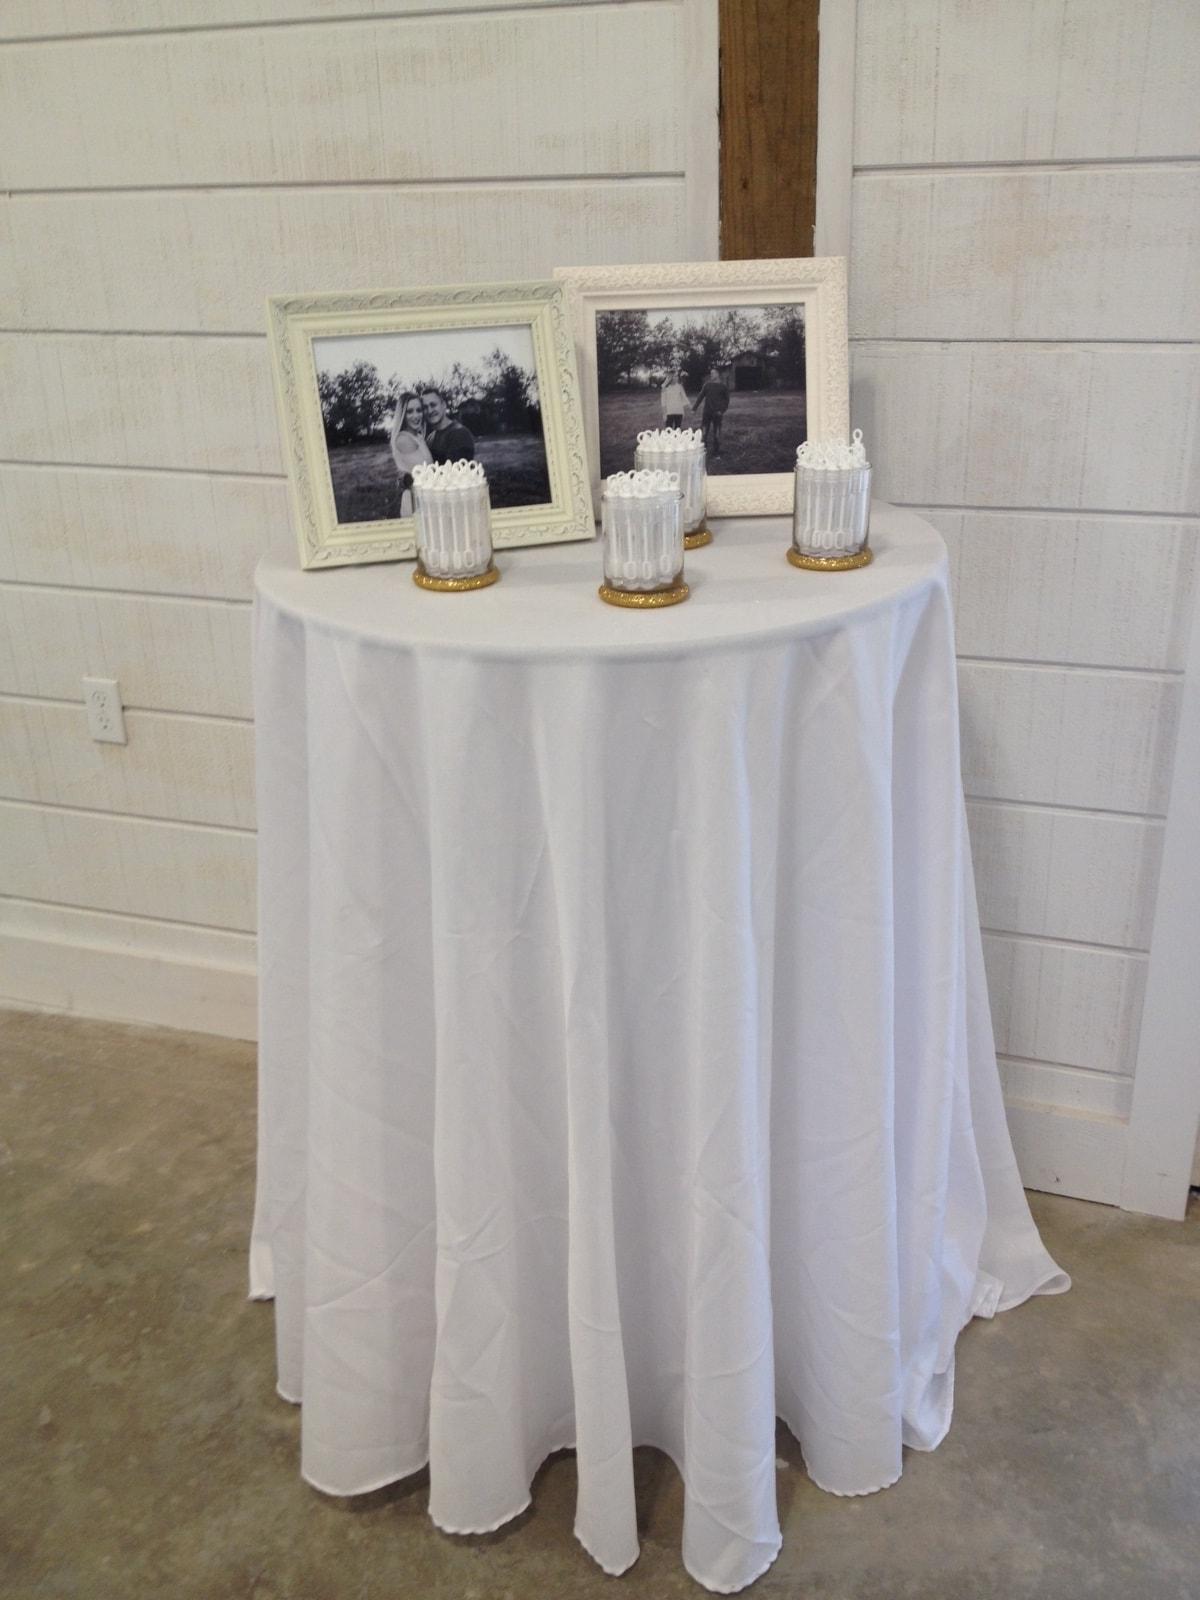 Harwood Mefford Wedding Dream Point Ranch Tulsa Wedding Venue 14-min.JPG